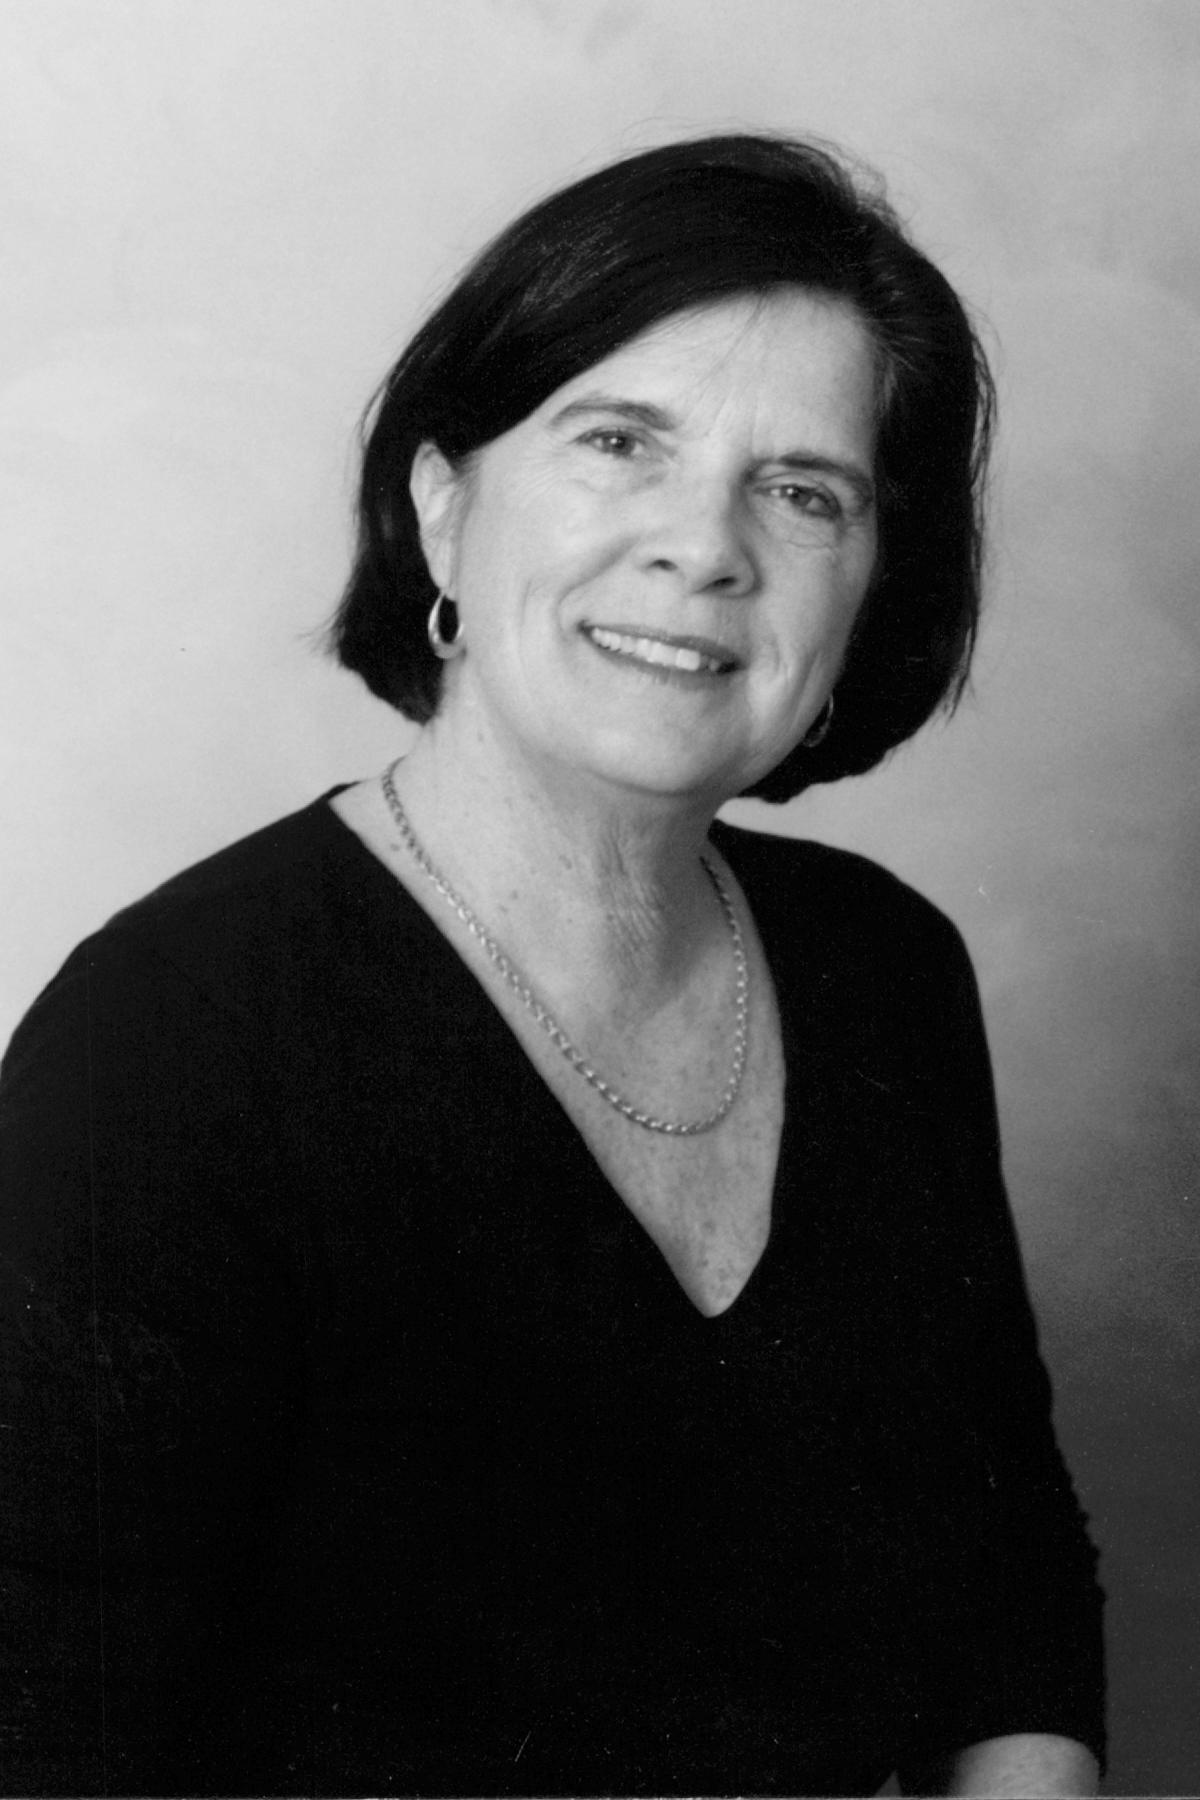 Catherine 'Cathy' Nemeth